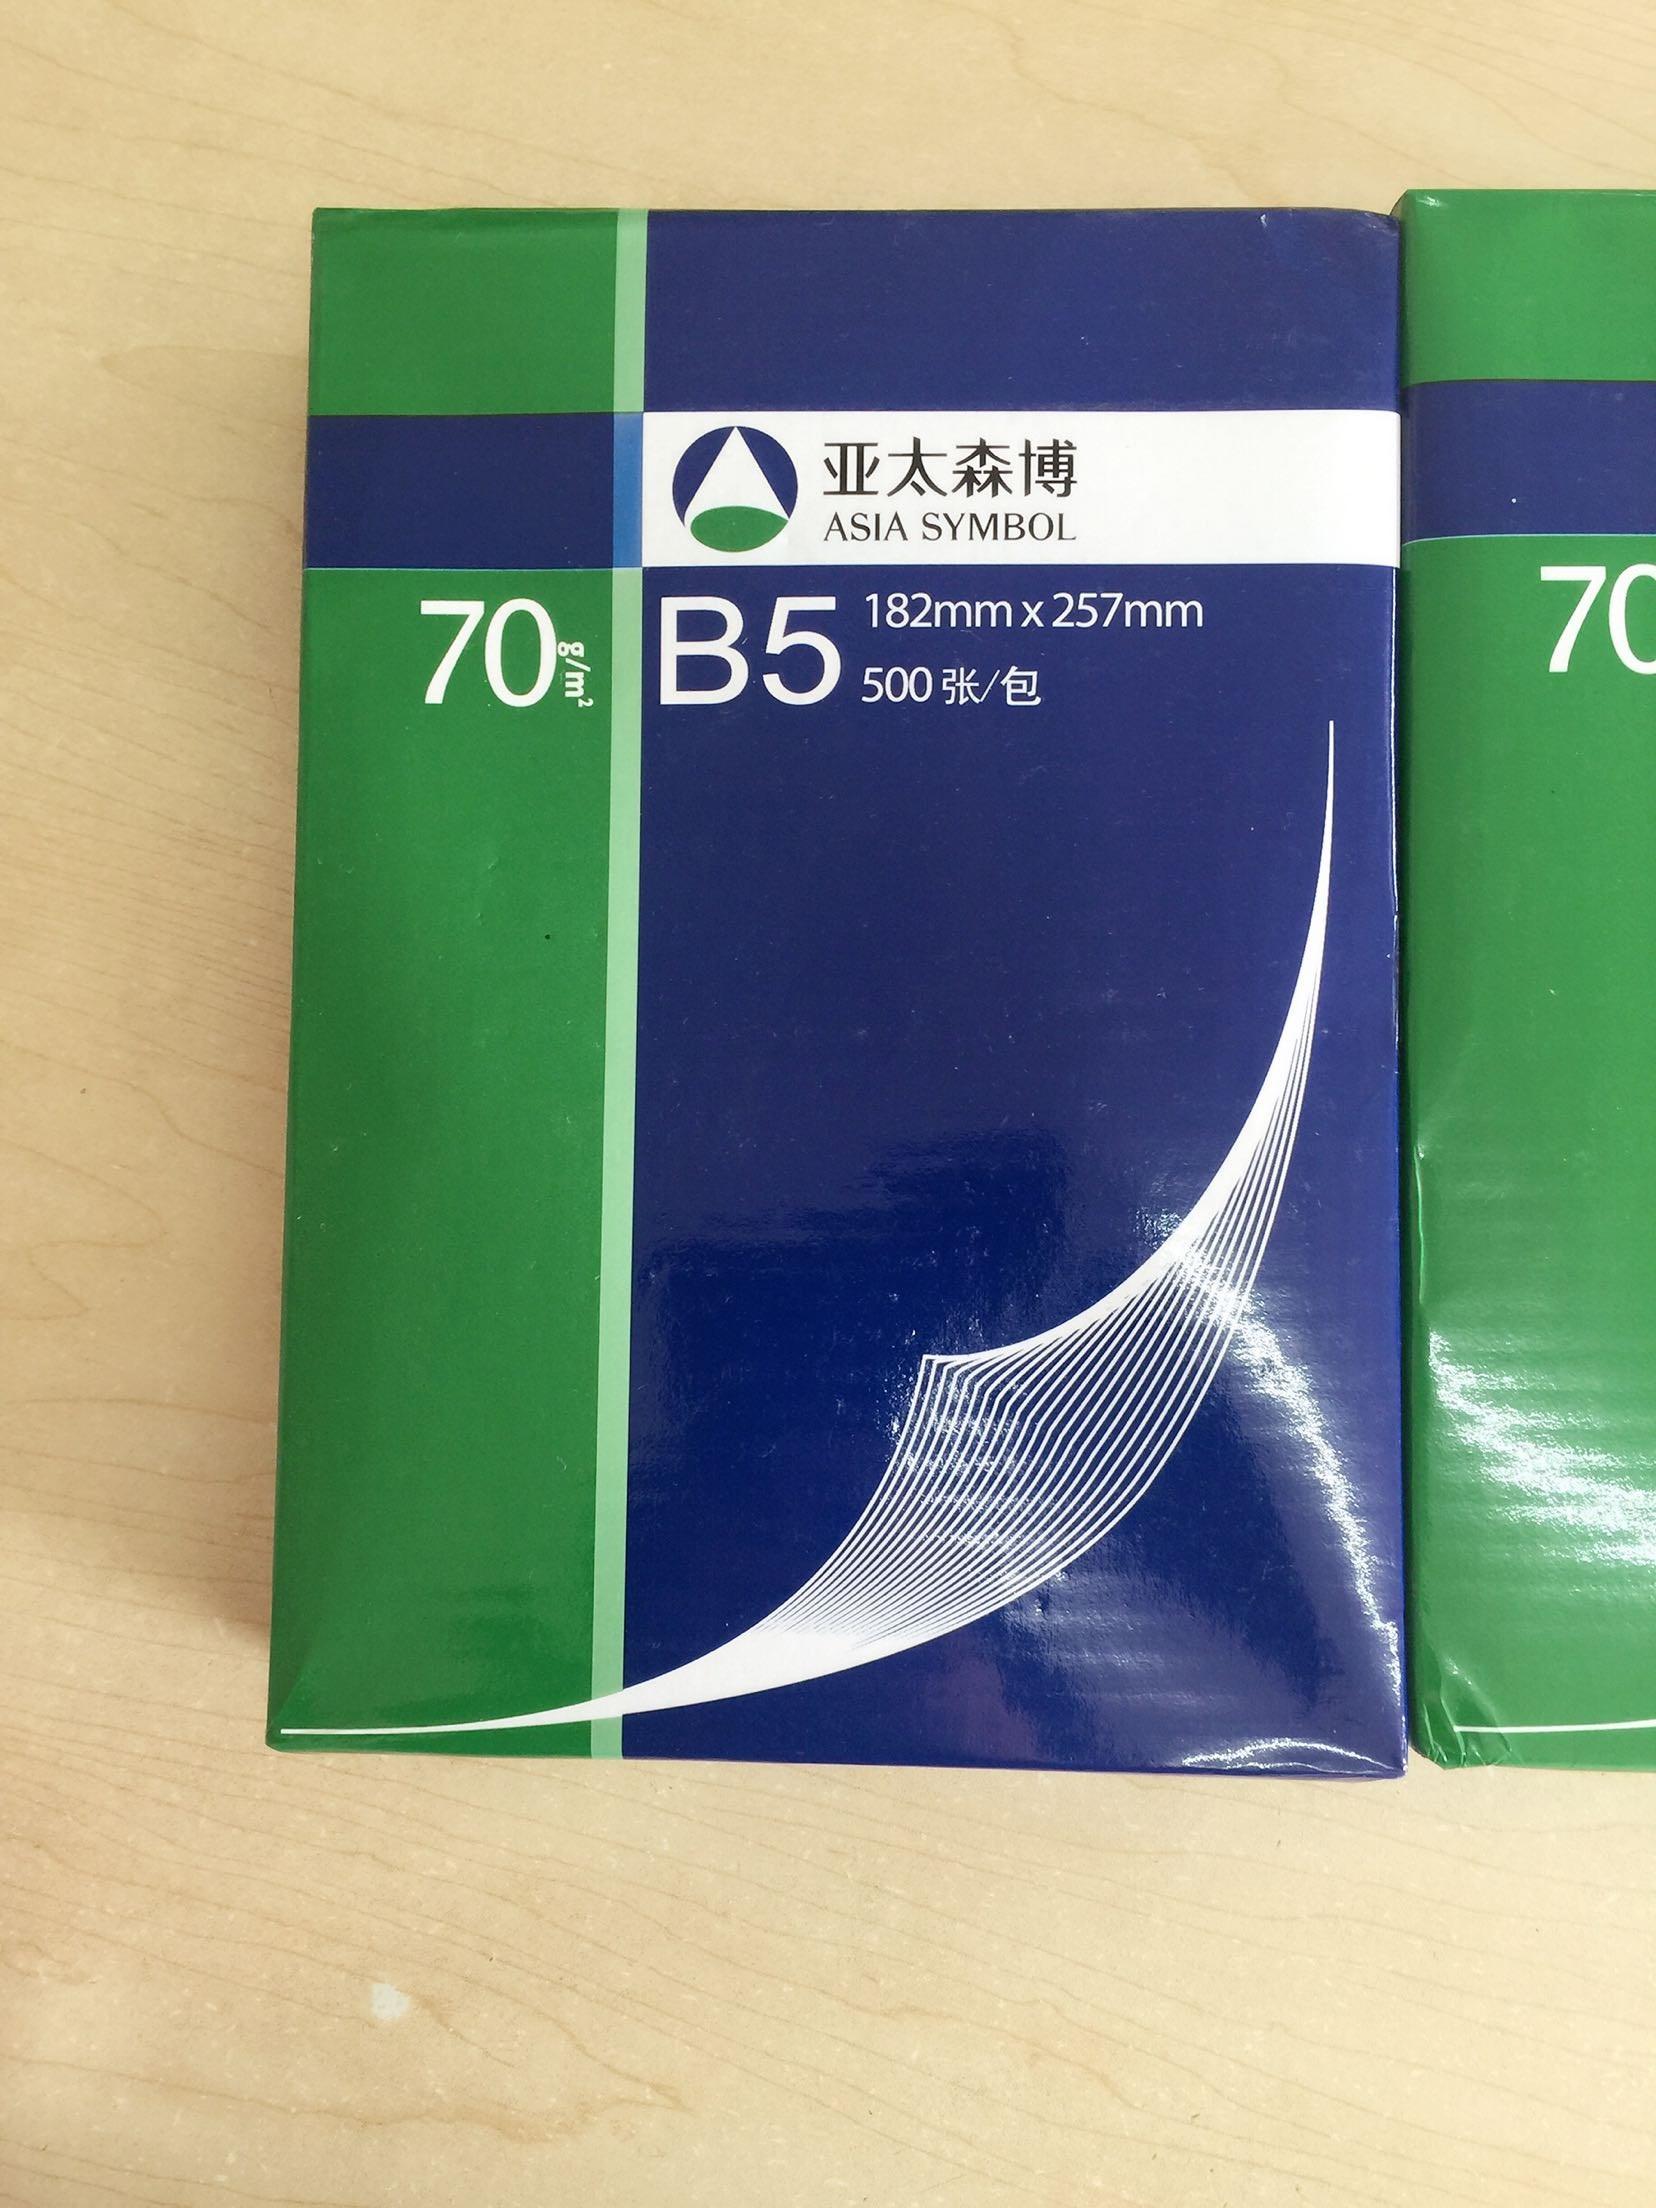 新品亚太森博 B5 8k 16k 打印复印纸 江浙沪皖包邮